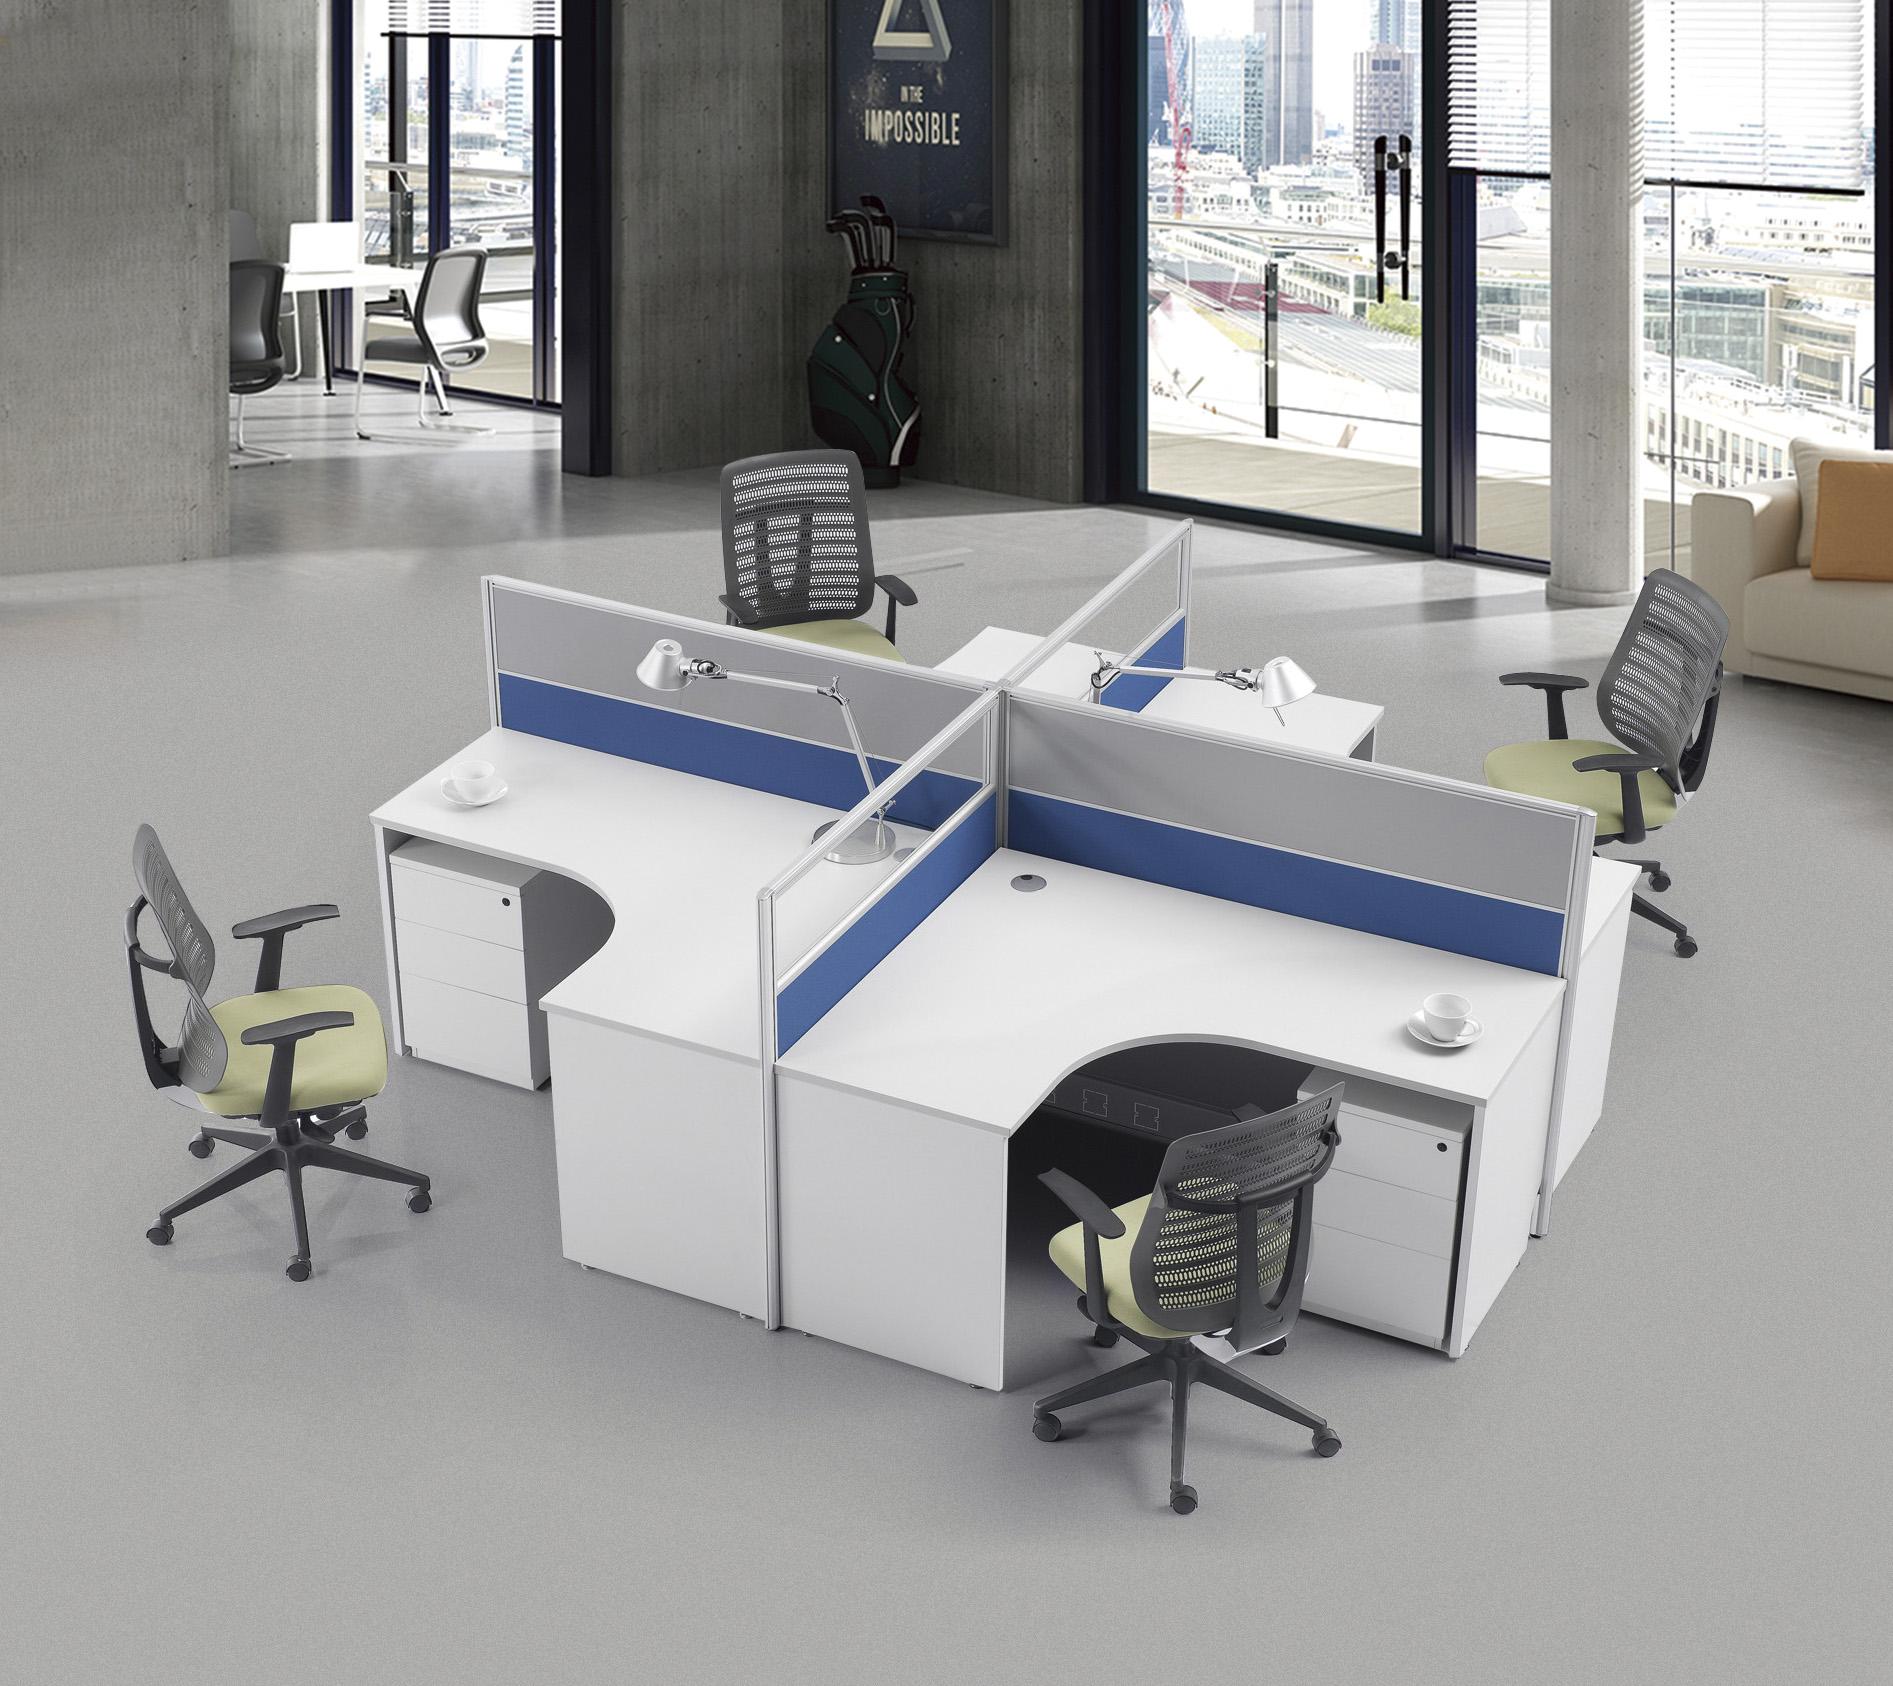 采购办公家具需要考虑的六个因素